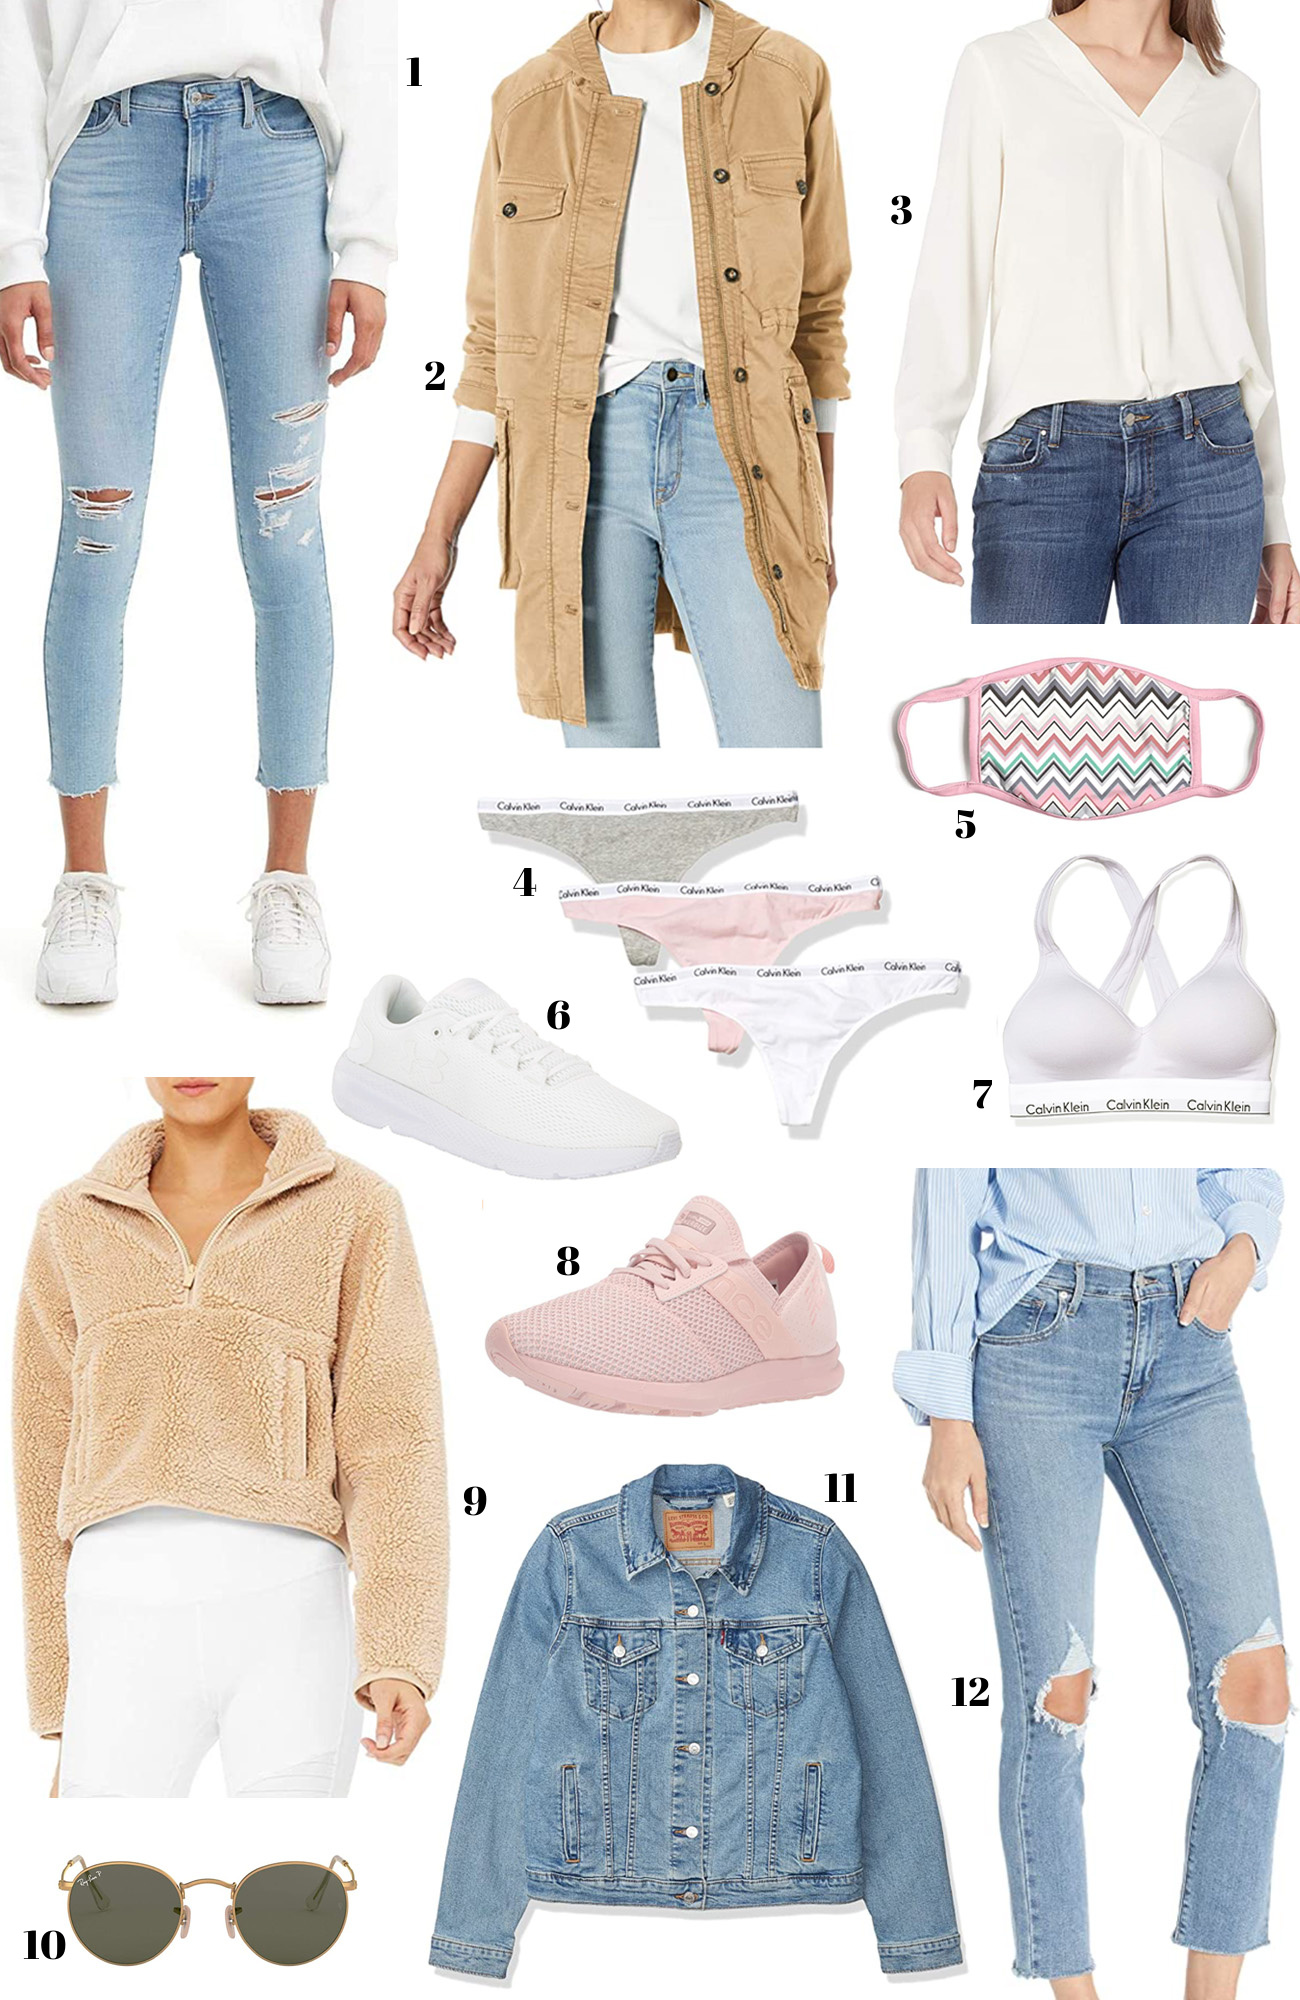 Amazon Prime day deals | Amazon deals | best deals on Amazon | jackets | fitness apparel | masks |fashion | womens fashion on amazon | beauty and fashion blogger Mash Elle